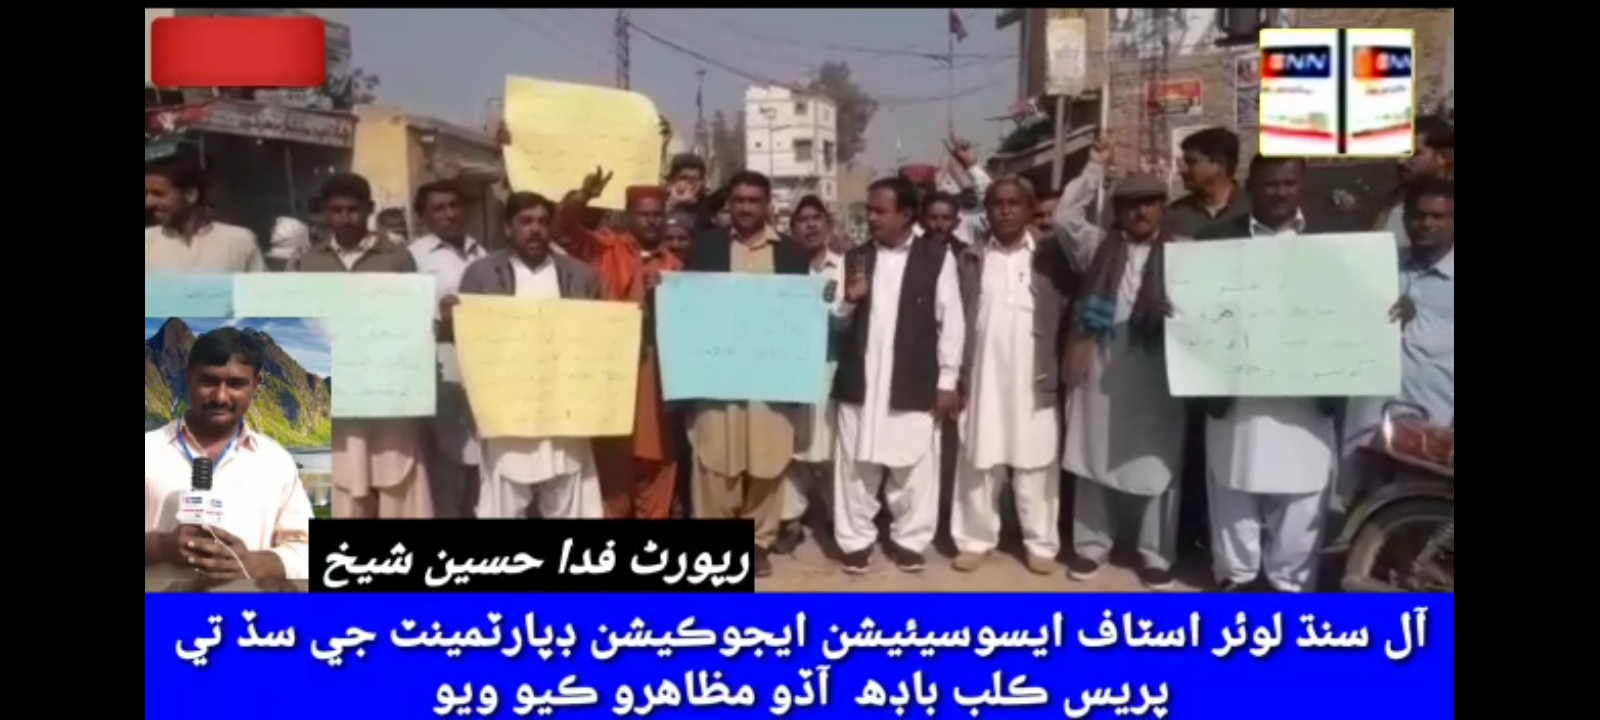 آل سندھ لوئر اسٹاف ایسوسی ایشن  ايجوکيشن ڈپارٹمينٹ  پريس کلب باڈہ  کے سامنے مظاهرہ